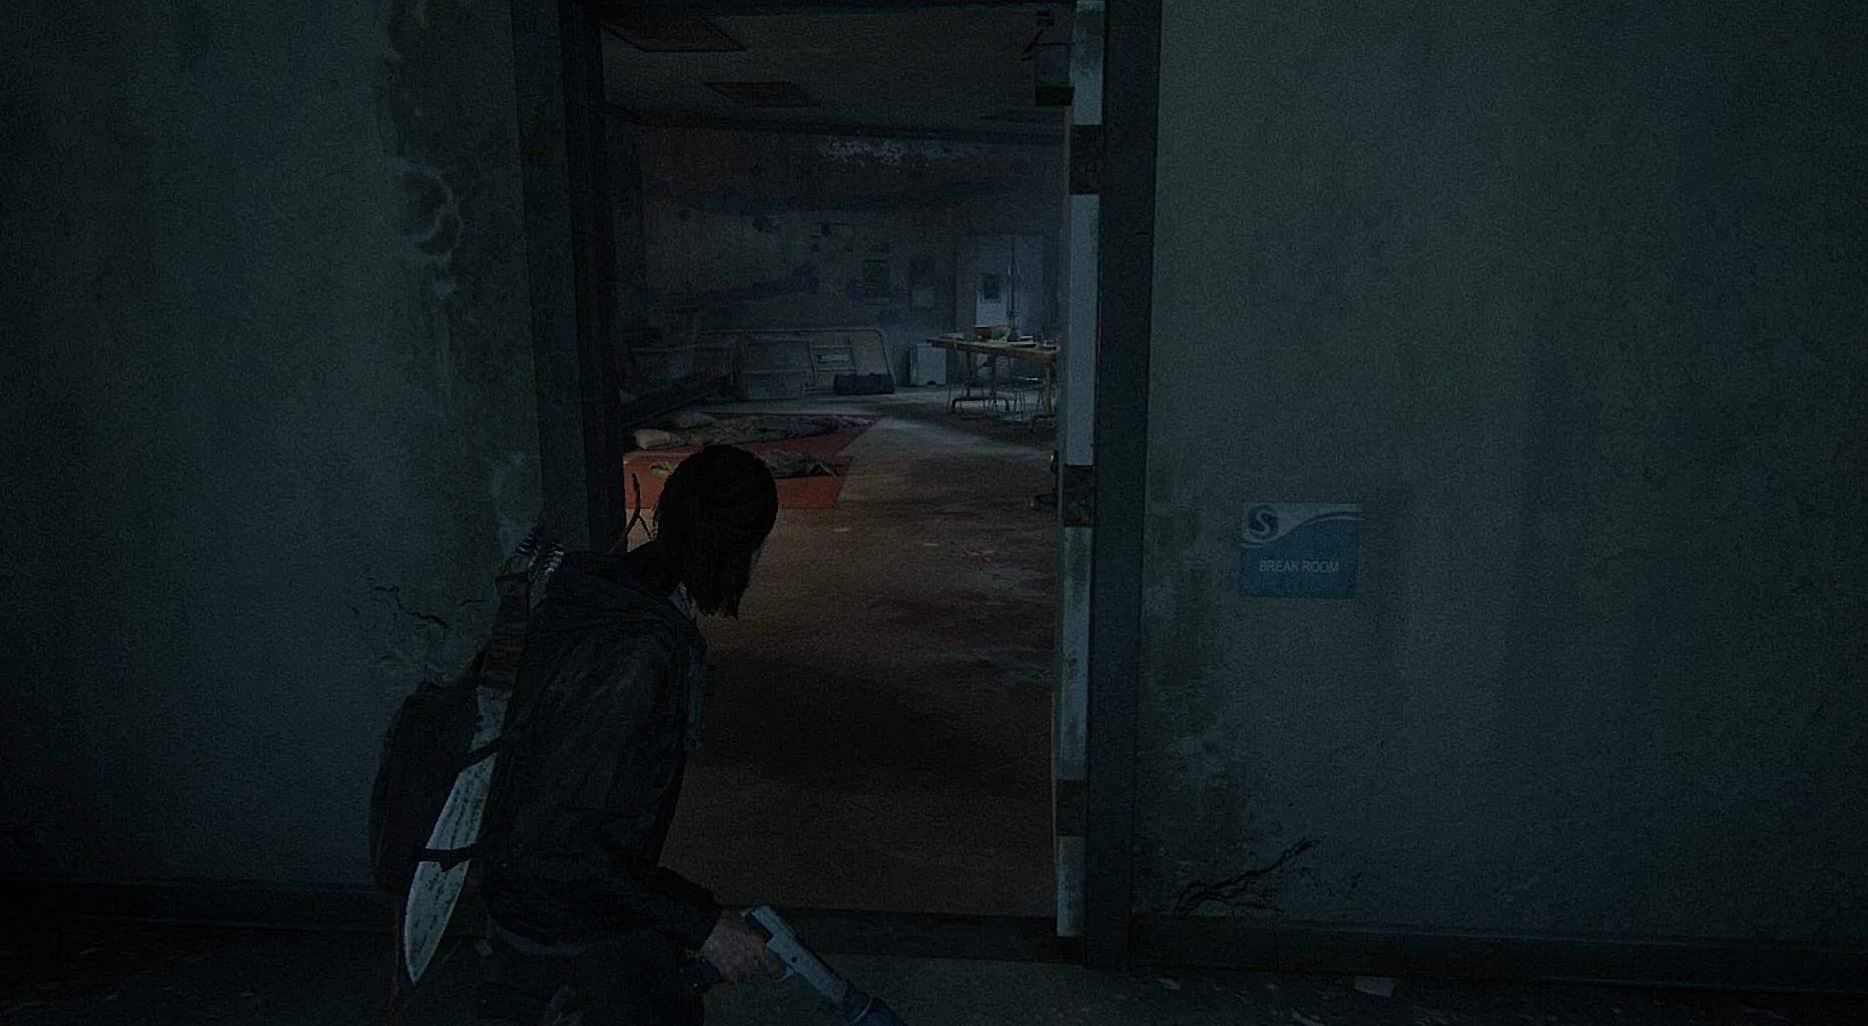 the last of us part 2 journal entry locations 23 - The Last of Us Parte 2 - Guida alla posizione di tutte le voci del diario